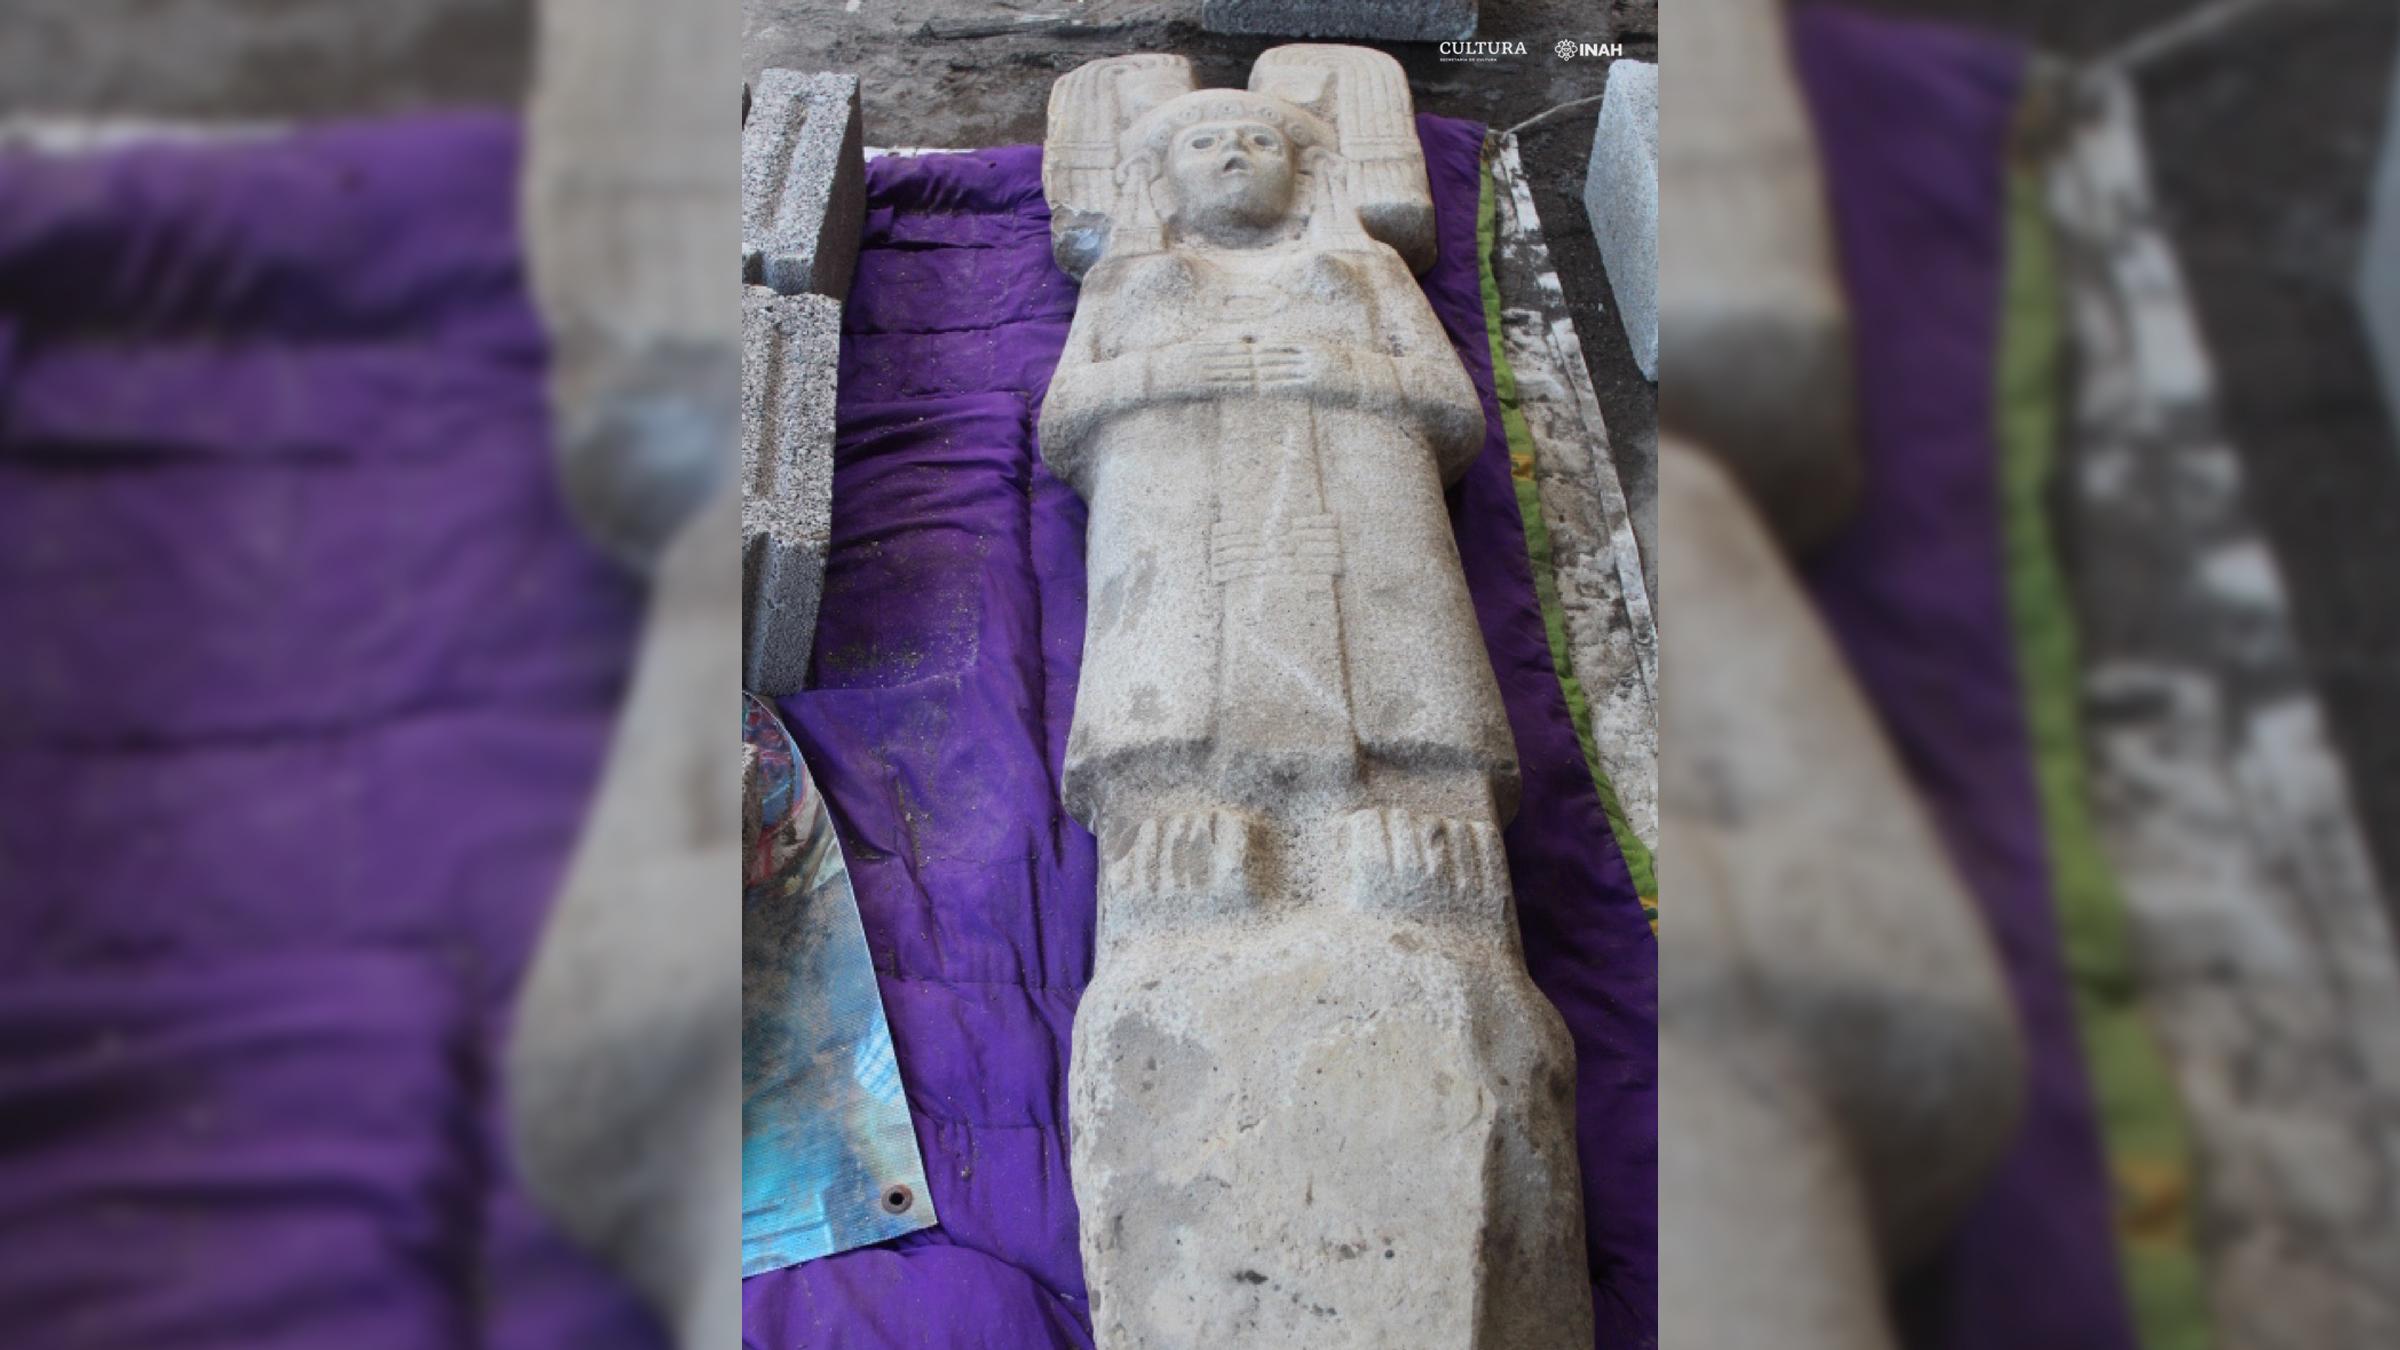 Le bas de la statue a une pointe en bas, ce qui signifie que la statue peut être placée debout dans le sol.